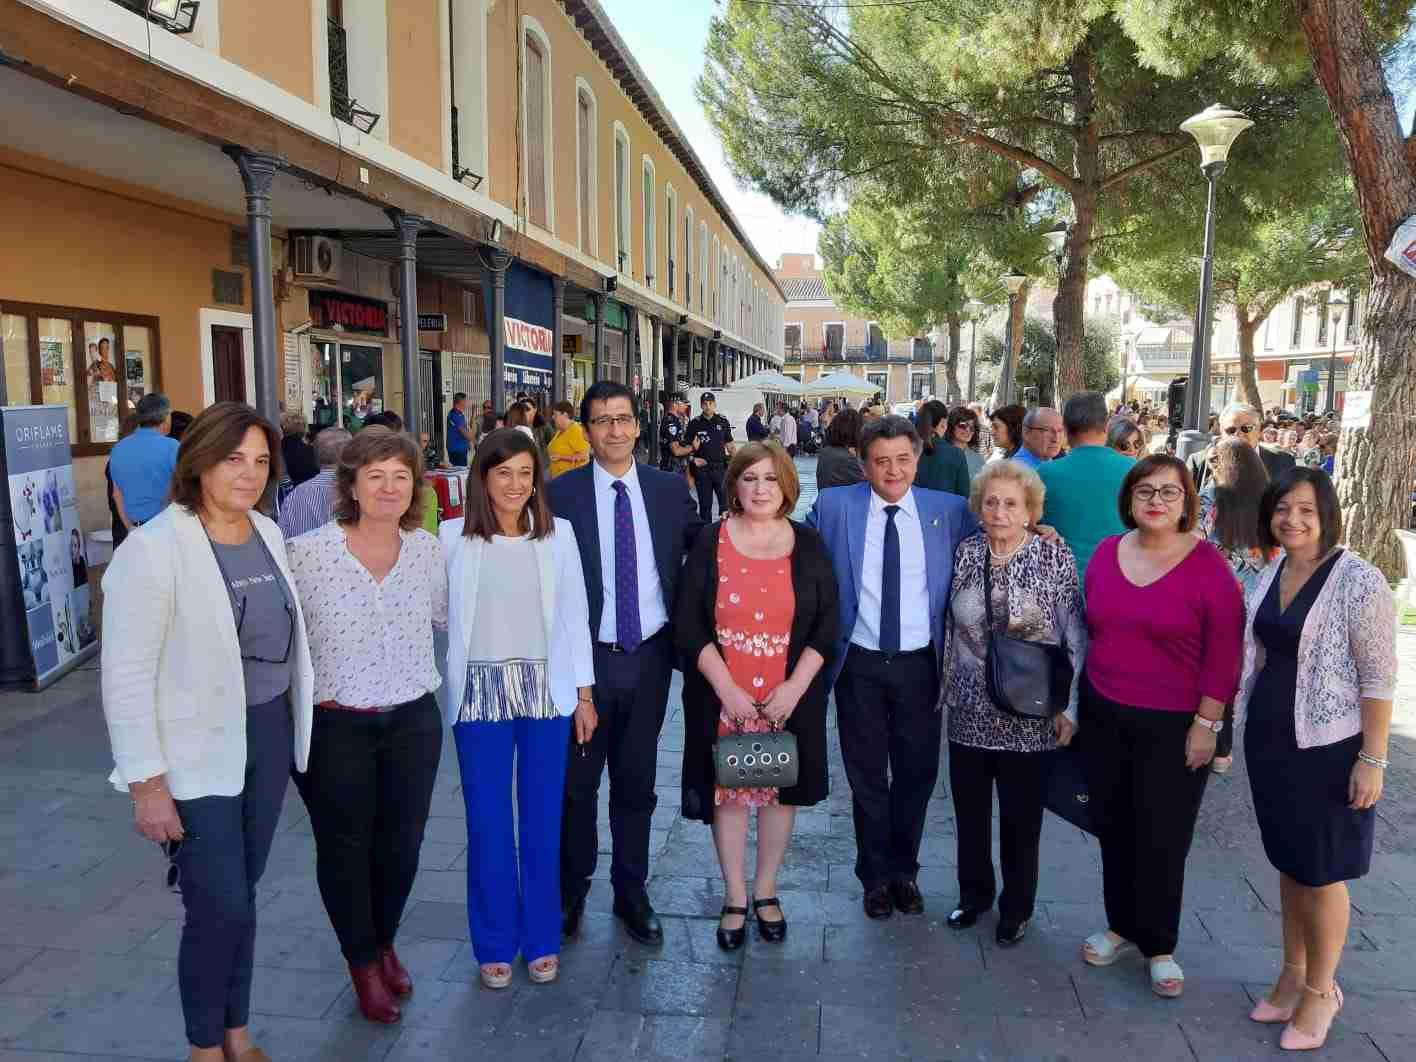 El Gobierno de Castilla-La Mancha felicita el trabajo de las amas de casa como agentes de generación de cambio social y búsqueda de igualdad 2